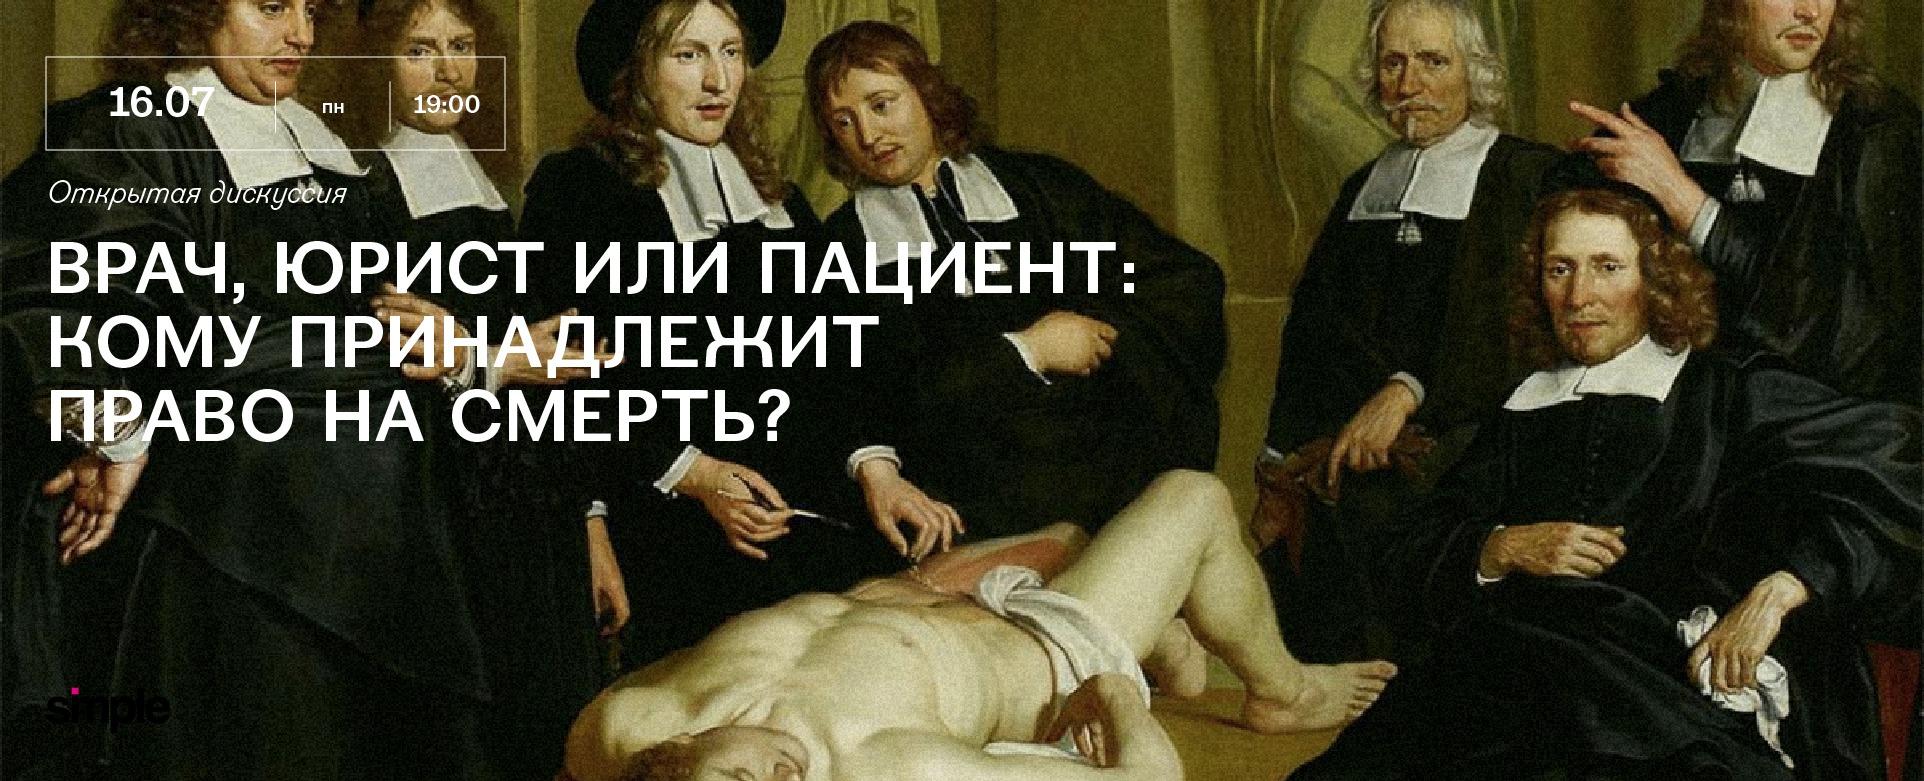 Врач, юрист или пациент: кому принадлежит право на смерть?